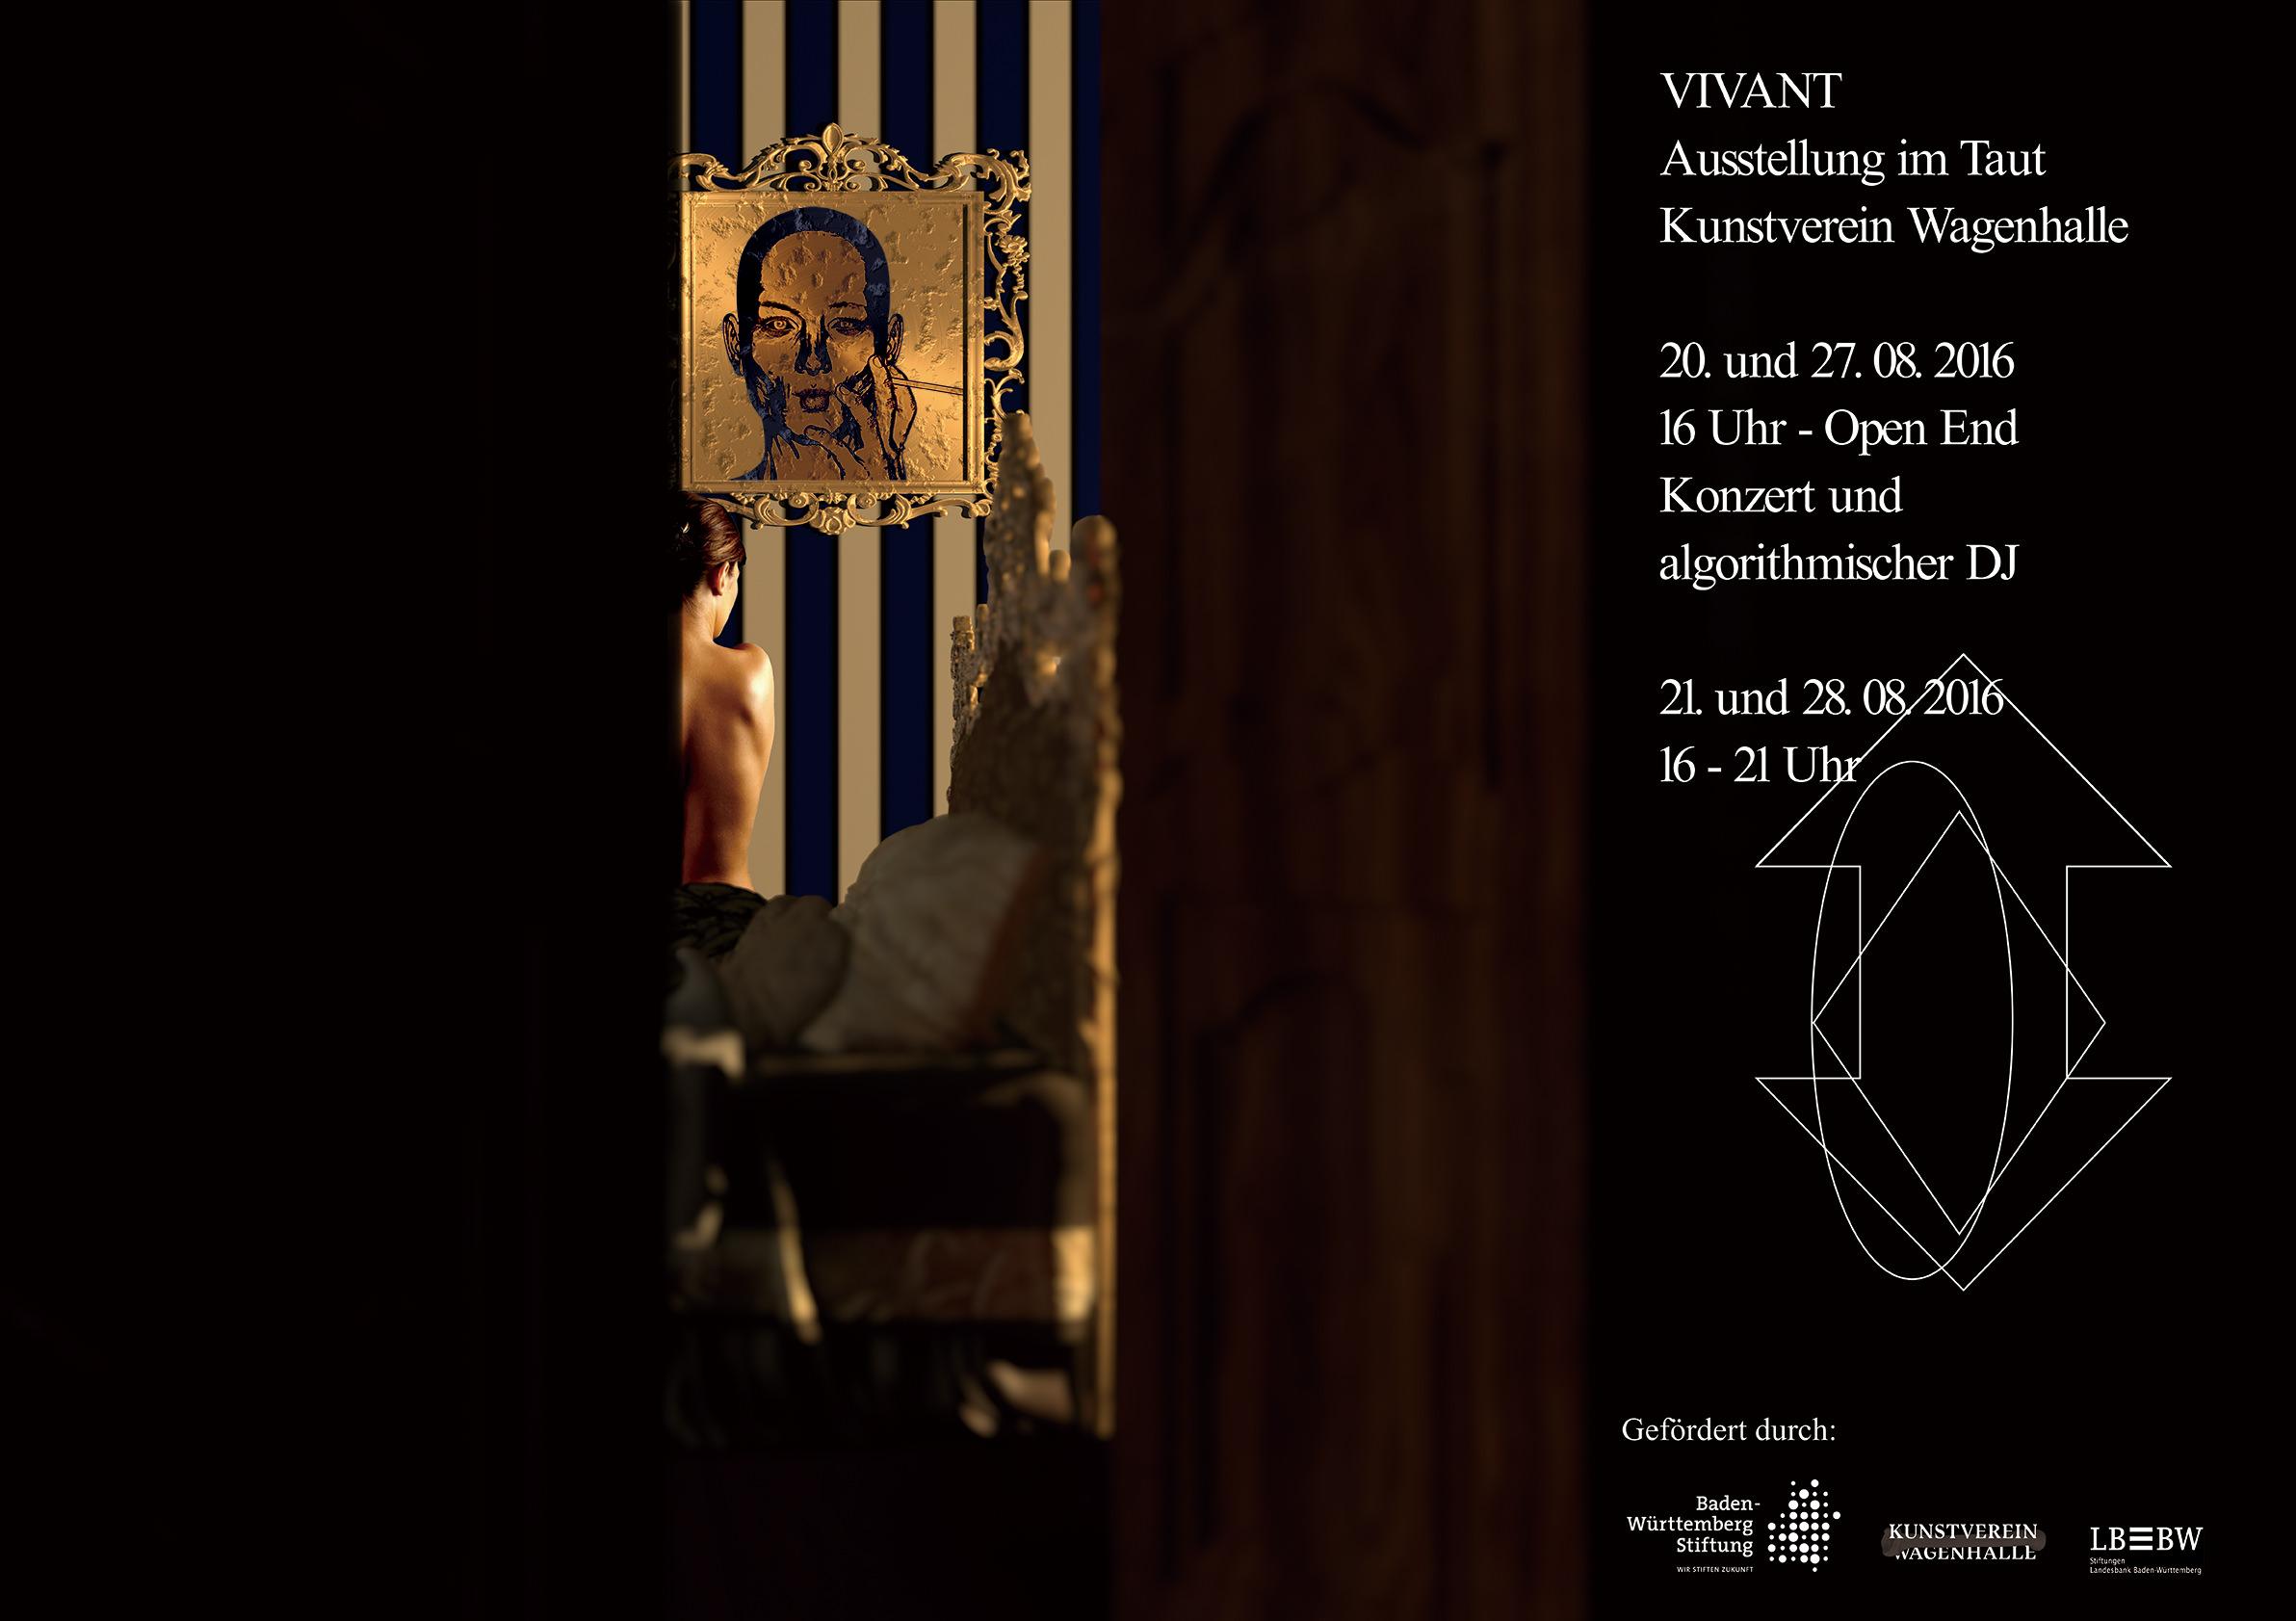 """# TAUT  Künstlergruppe """"VIVANT"""" zu Gast"""